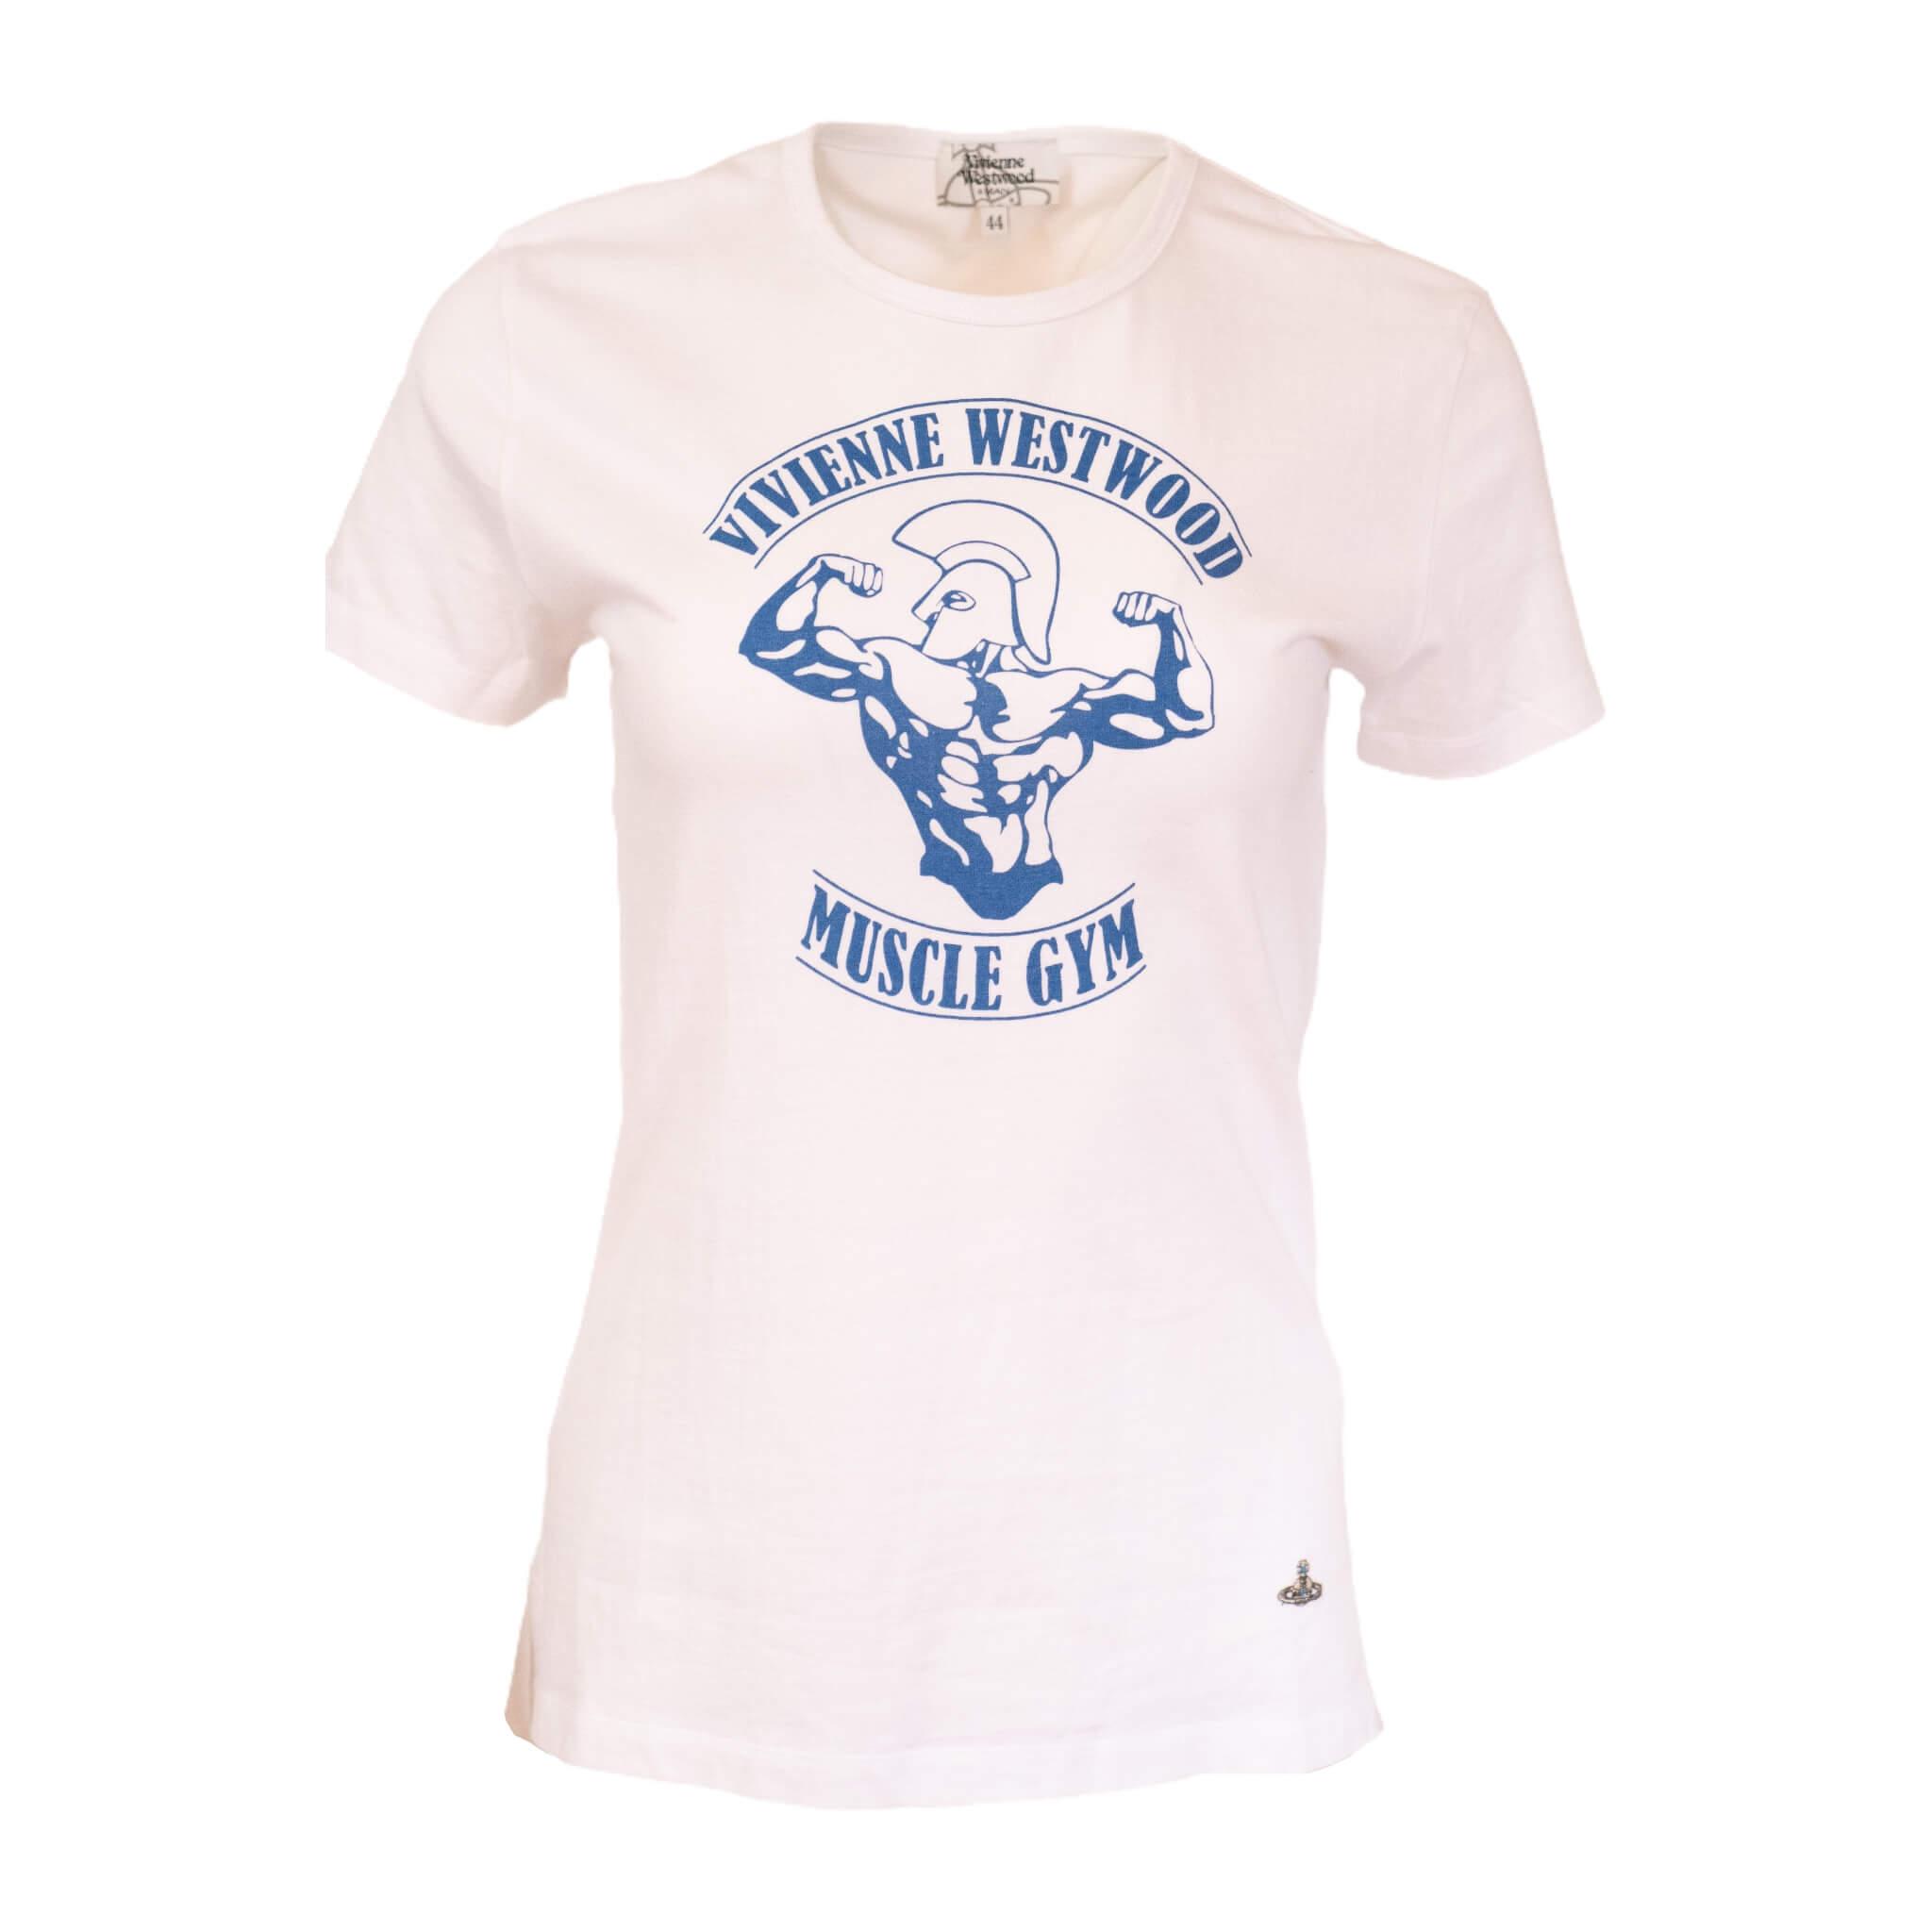 Vivienne Westwood Muscle Gym Tee